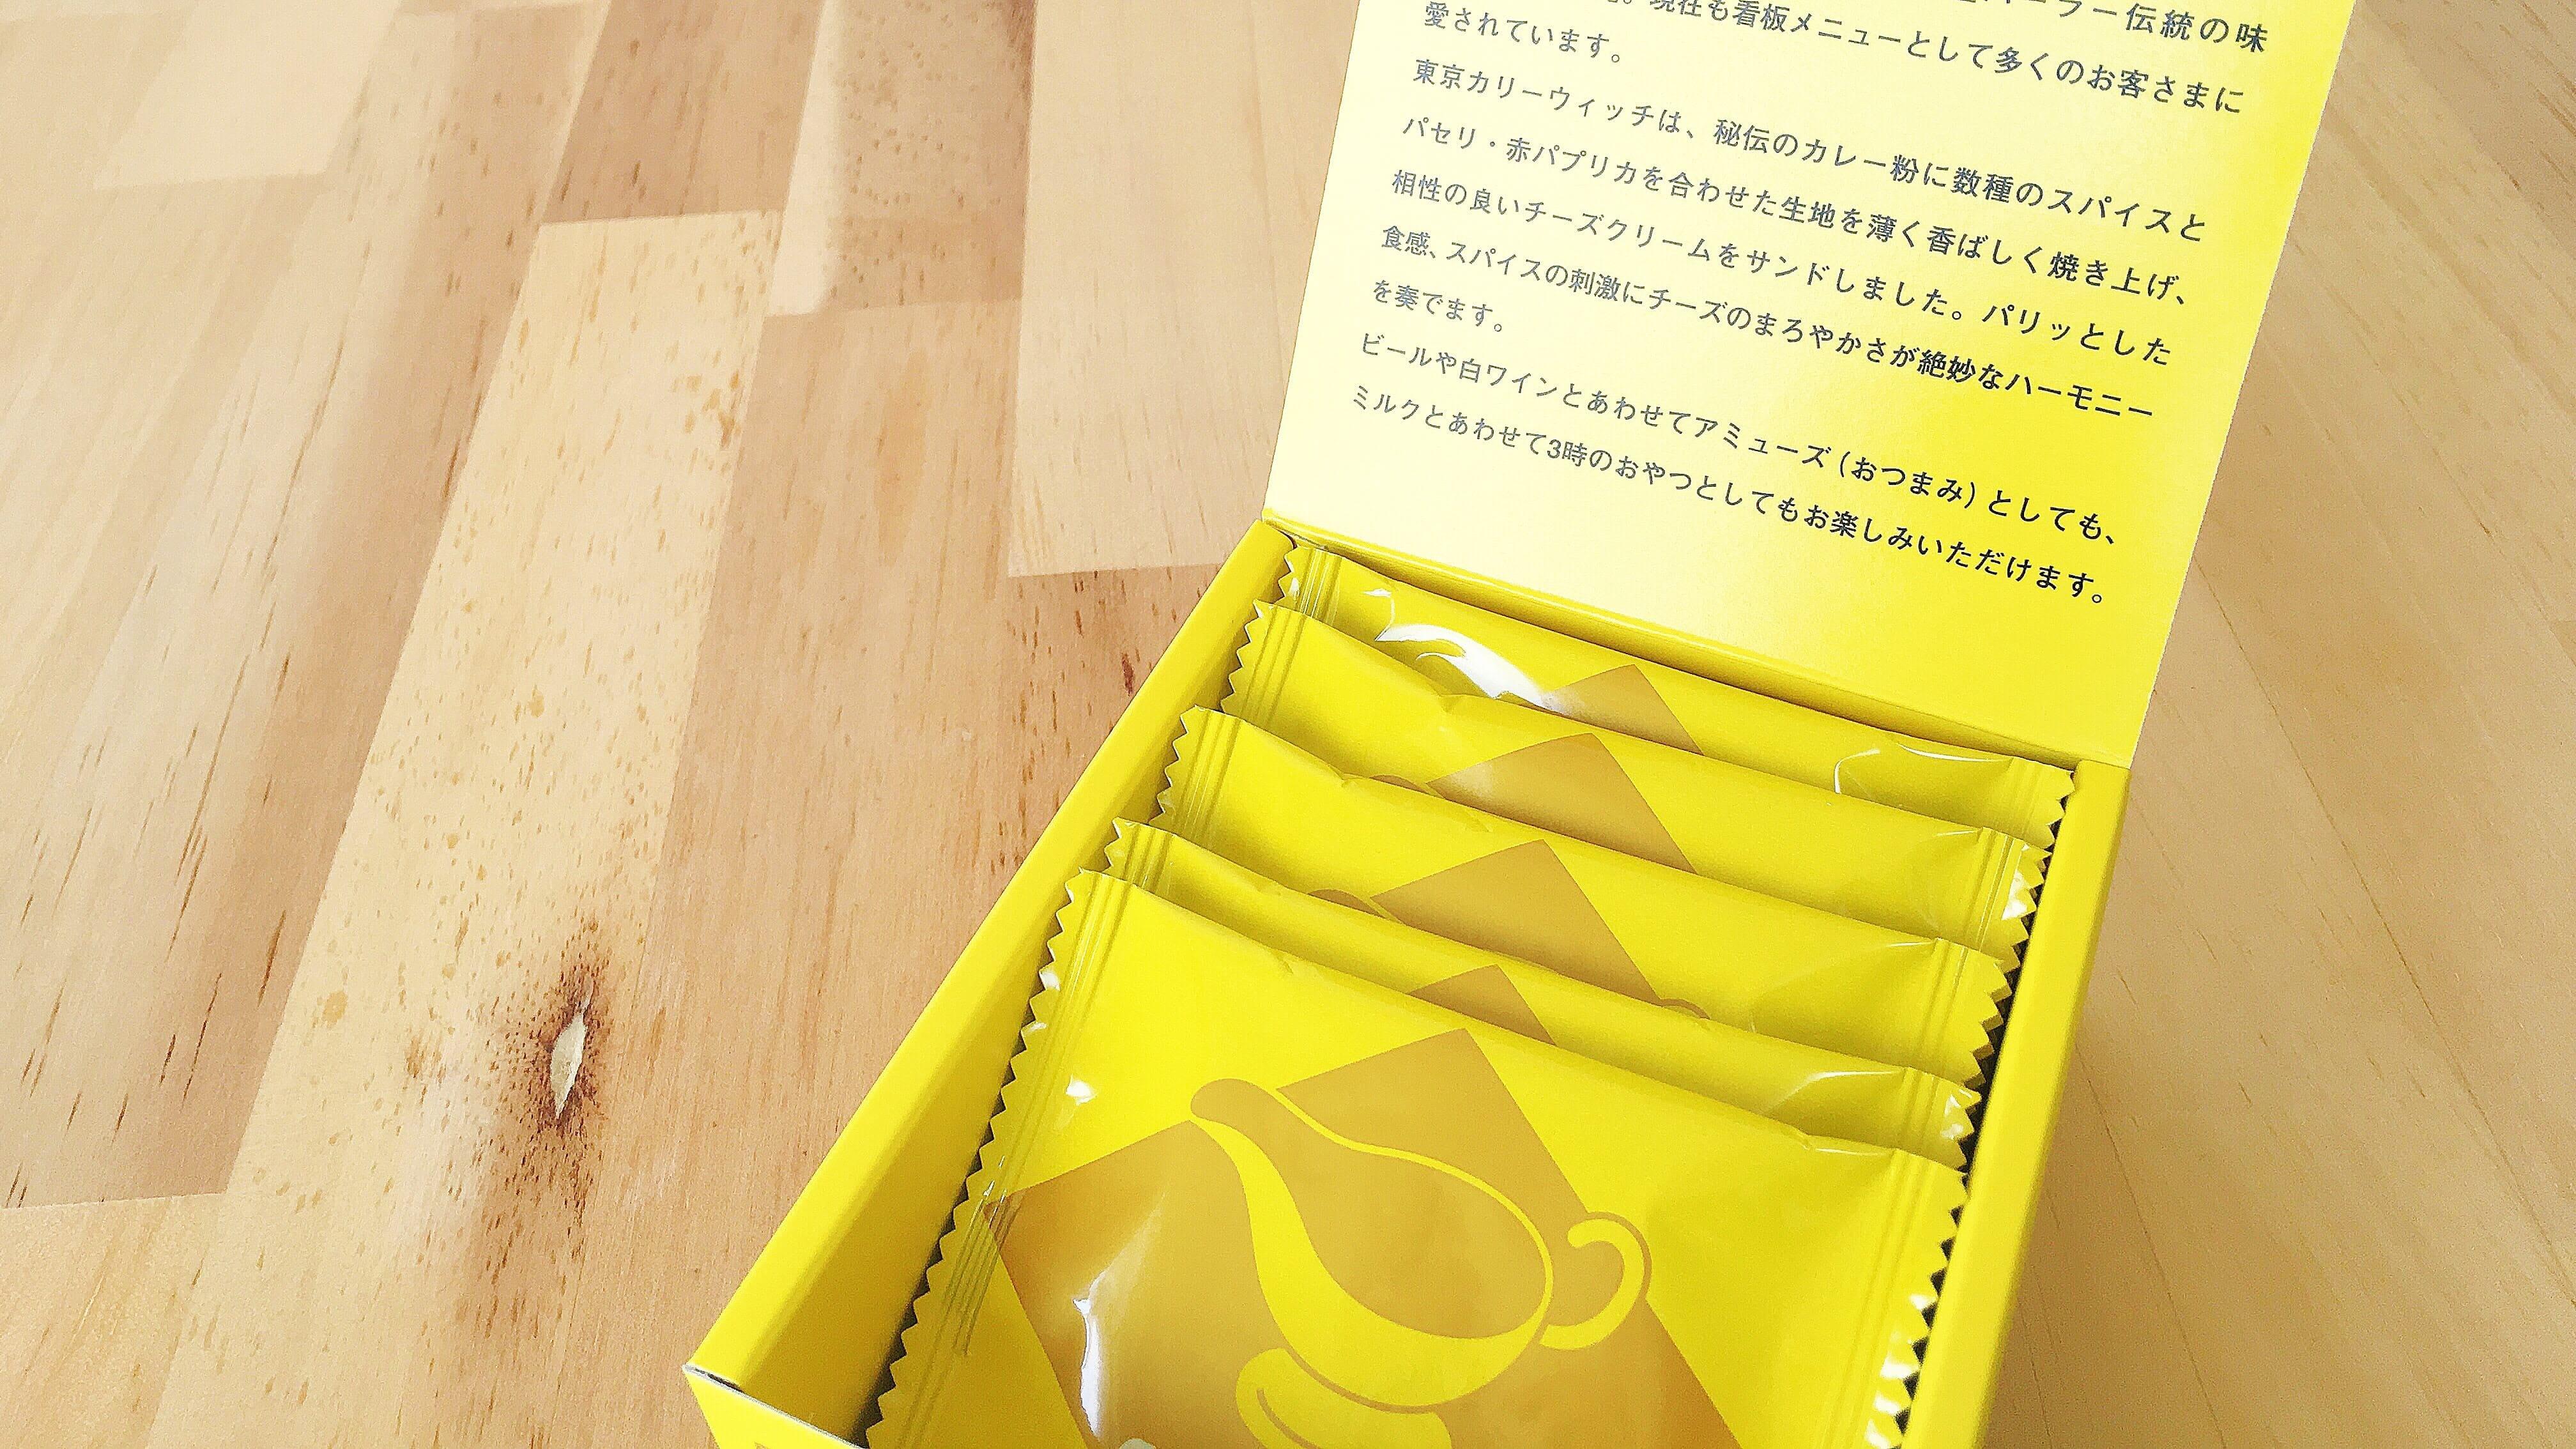 資生堂パーラーのトーキョーカレーウィッチのパッケージ